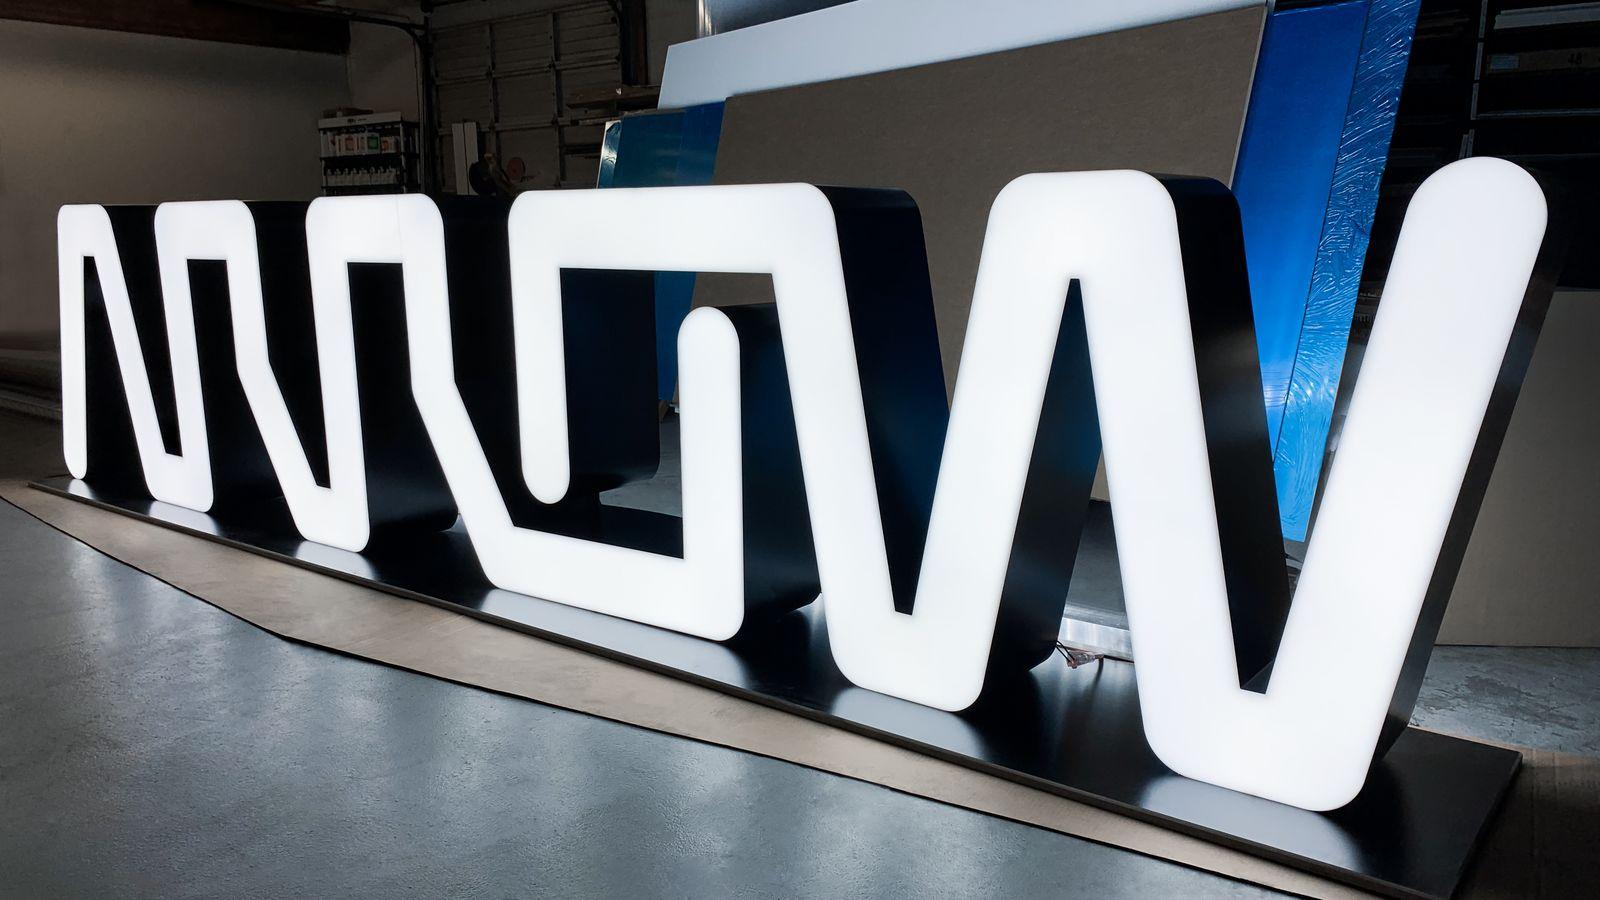 custom illuminated signage